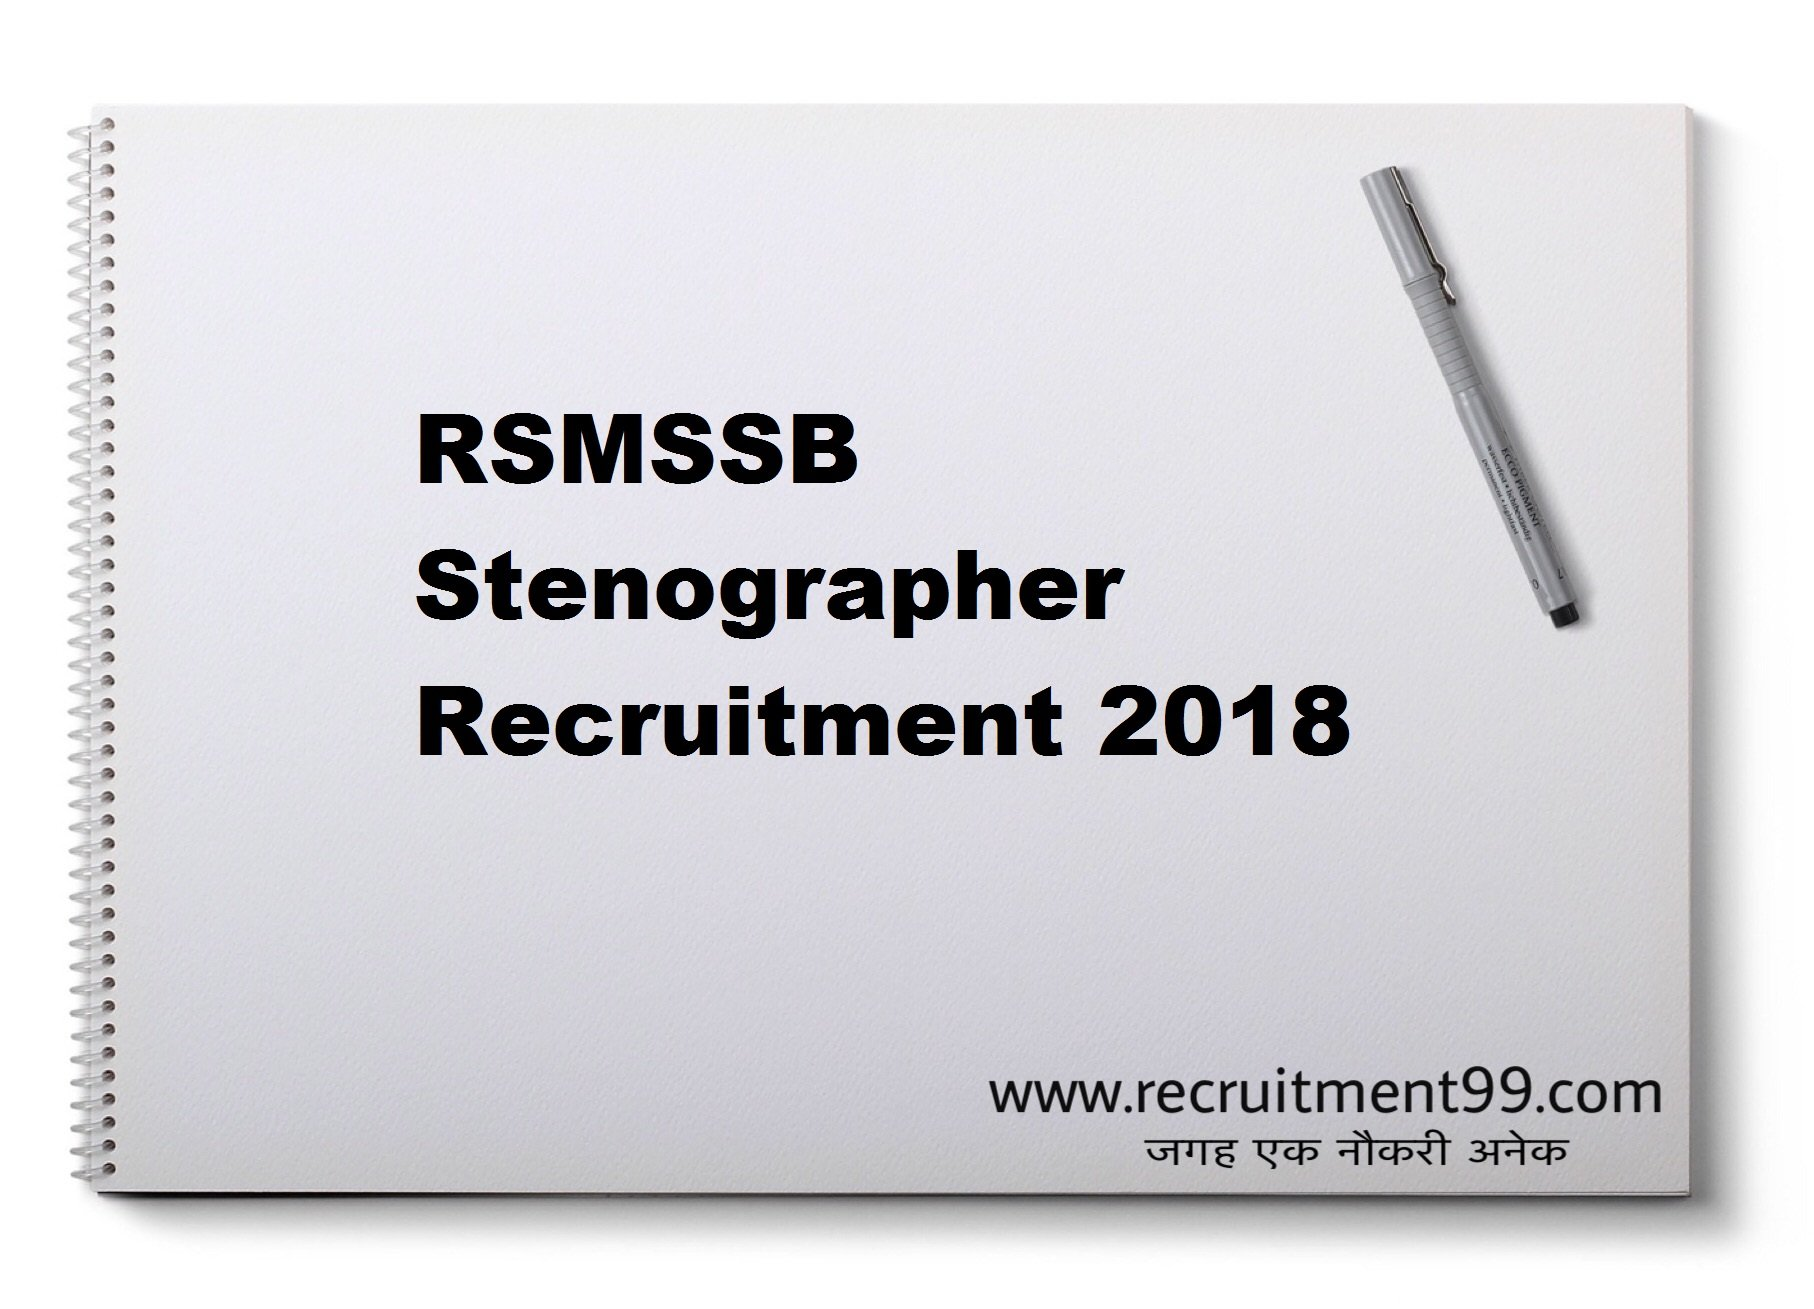 RSMSSB Stenographer Recruitment Admit Card Result 2018